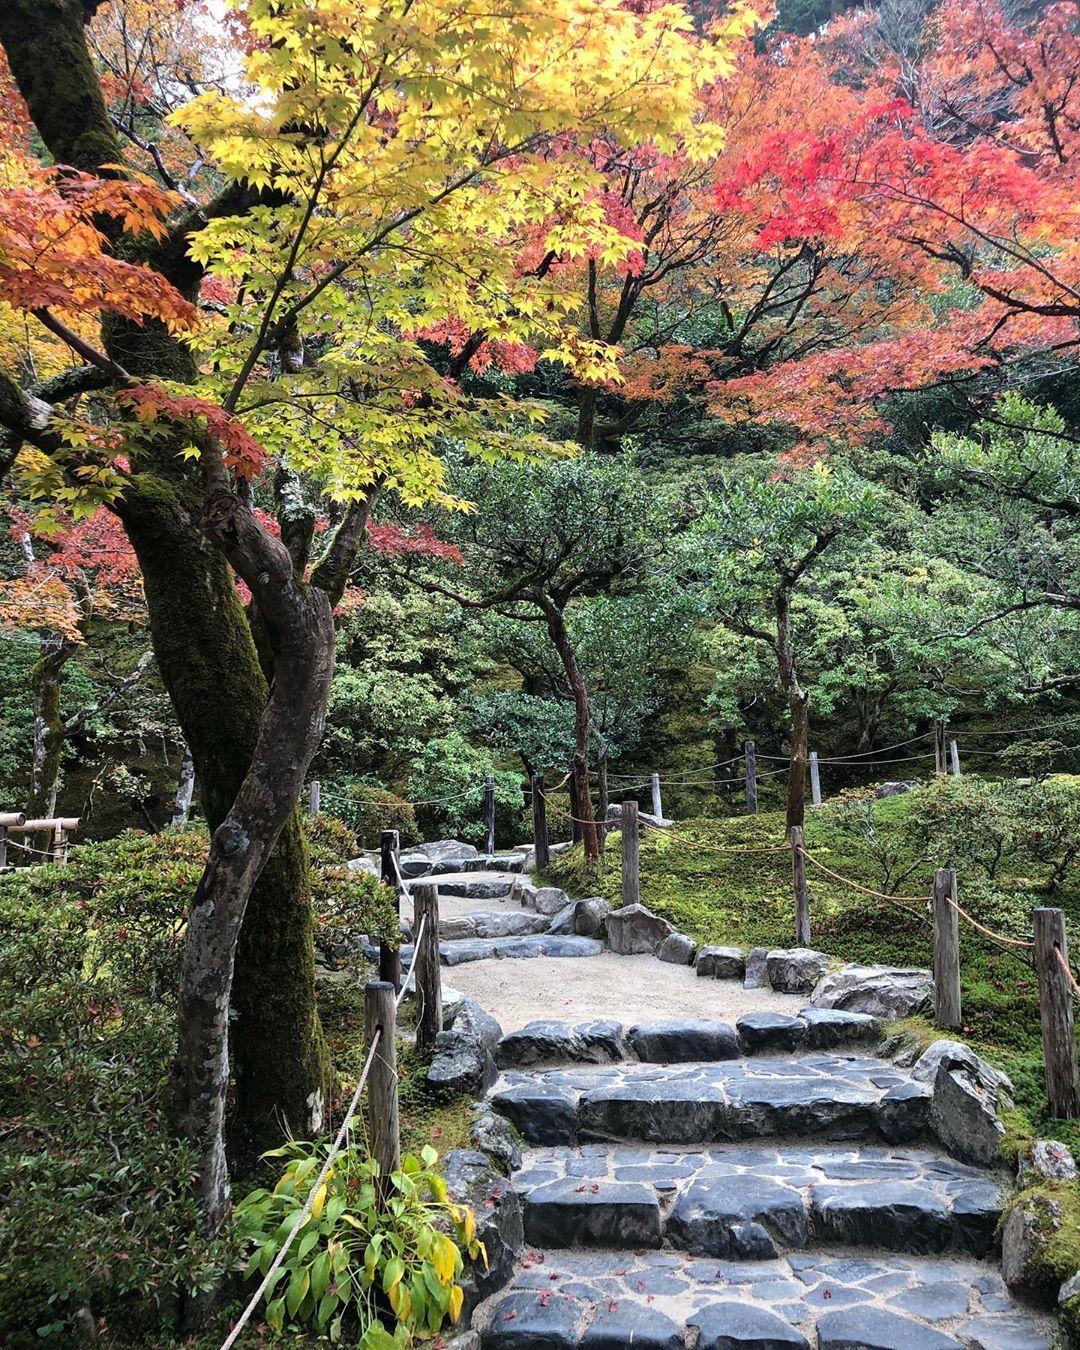 Ginkakuji temple foi um destino que nos surpreendeu, lá é lindoo demaiss 😍❤️ mais lindo que nas fotos que vimos antes de ir .  .  .  .  .  #japan #japao #nippon #japantrip #japantravel #travel #trip #pic #ginkakuji #ginkakujitemple #kyoto #autumn